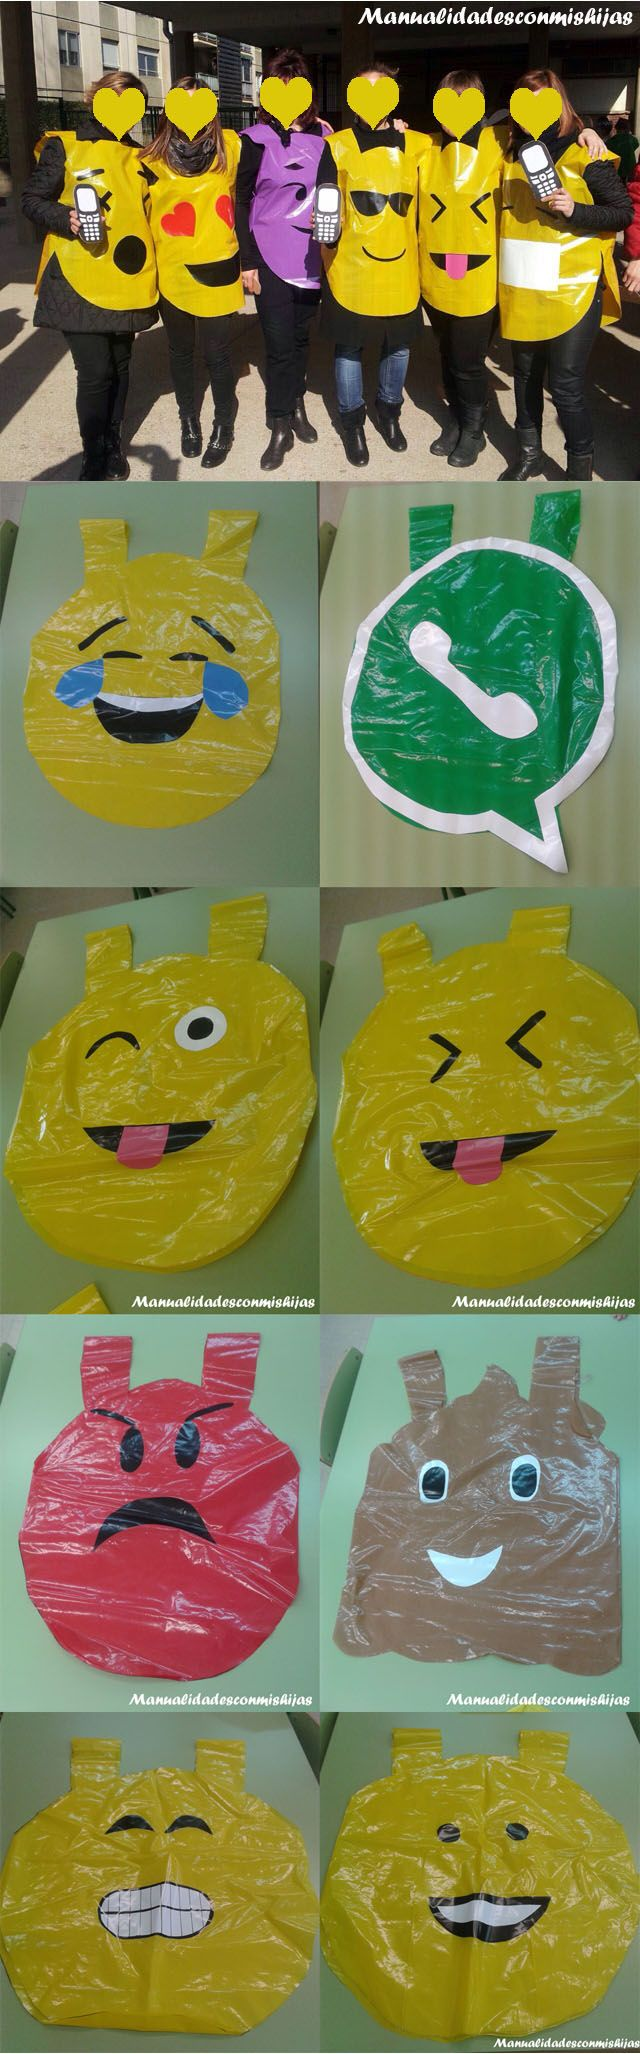 Manualidadesconmishijas: Whatsapp también en carnaval. Emoticonos realizados con bolsas plástico. Customes